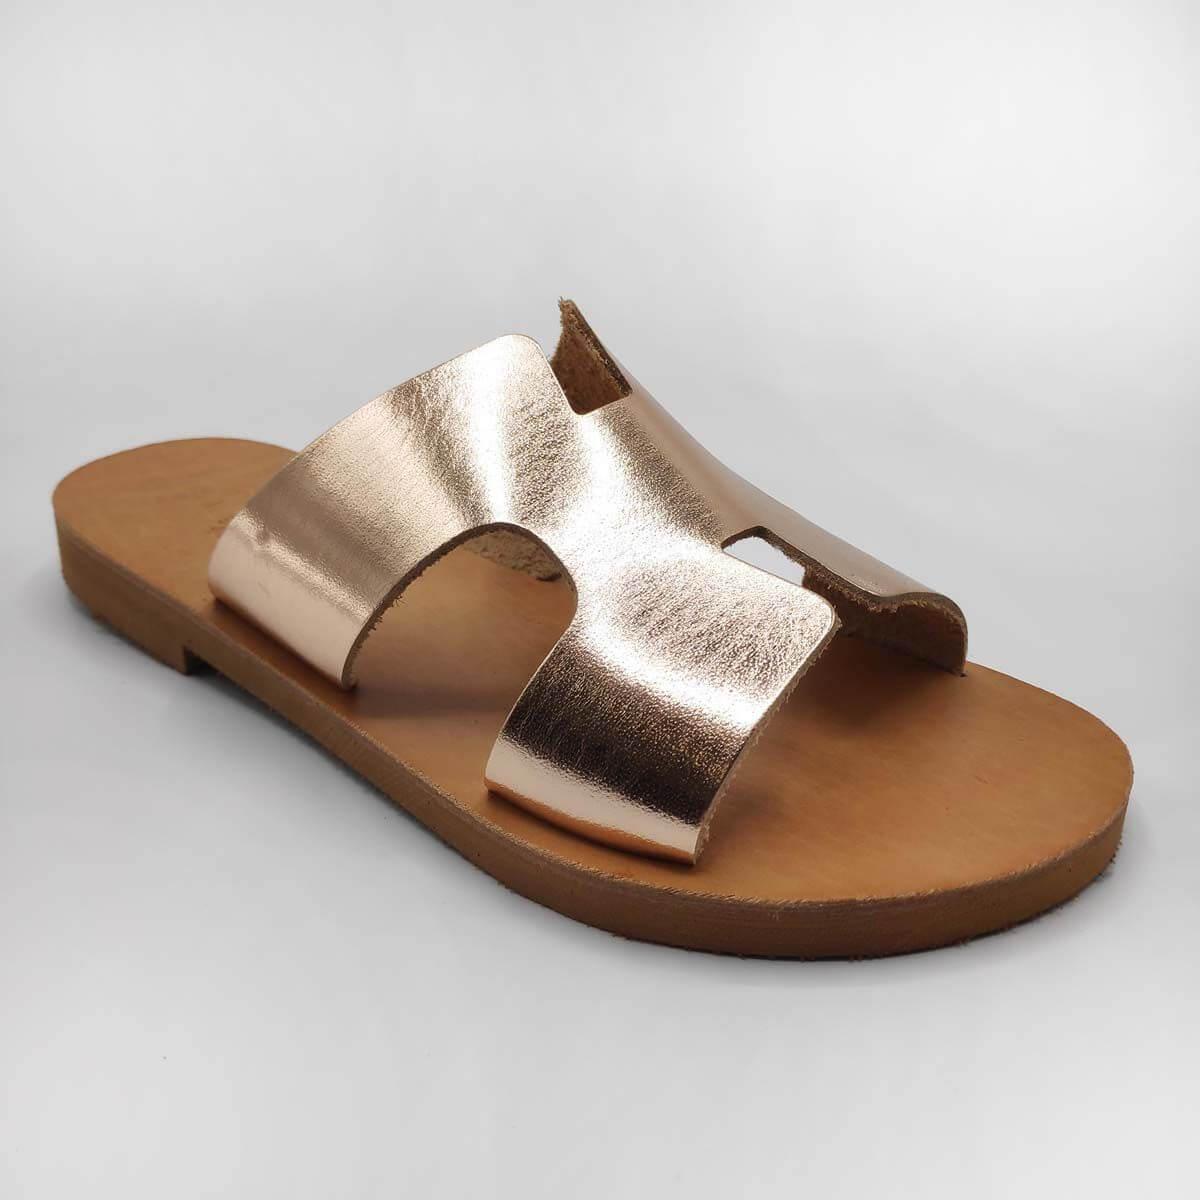 Hermes Slides Leather Sandals in Rose Gold Colour